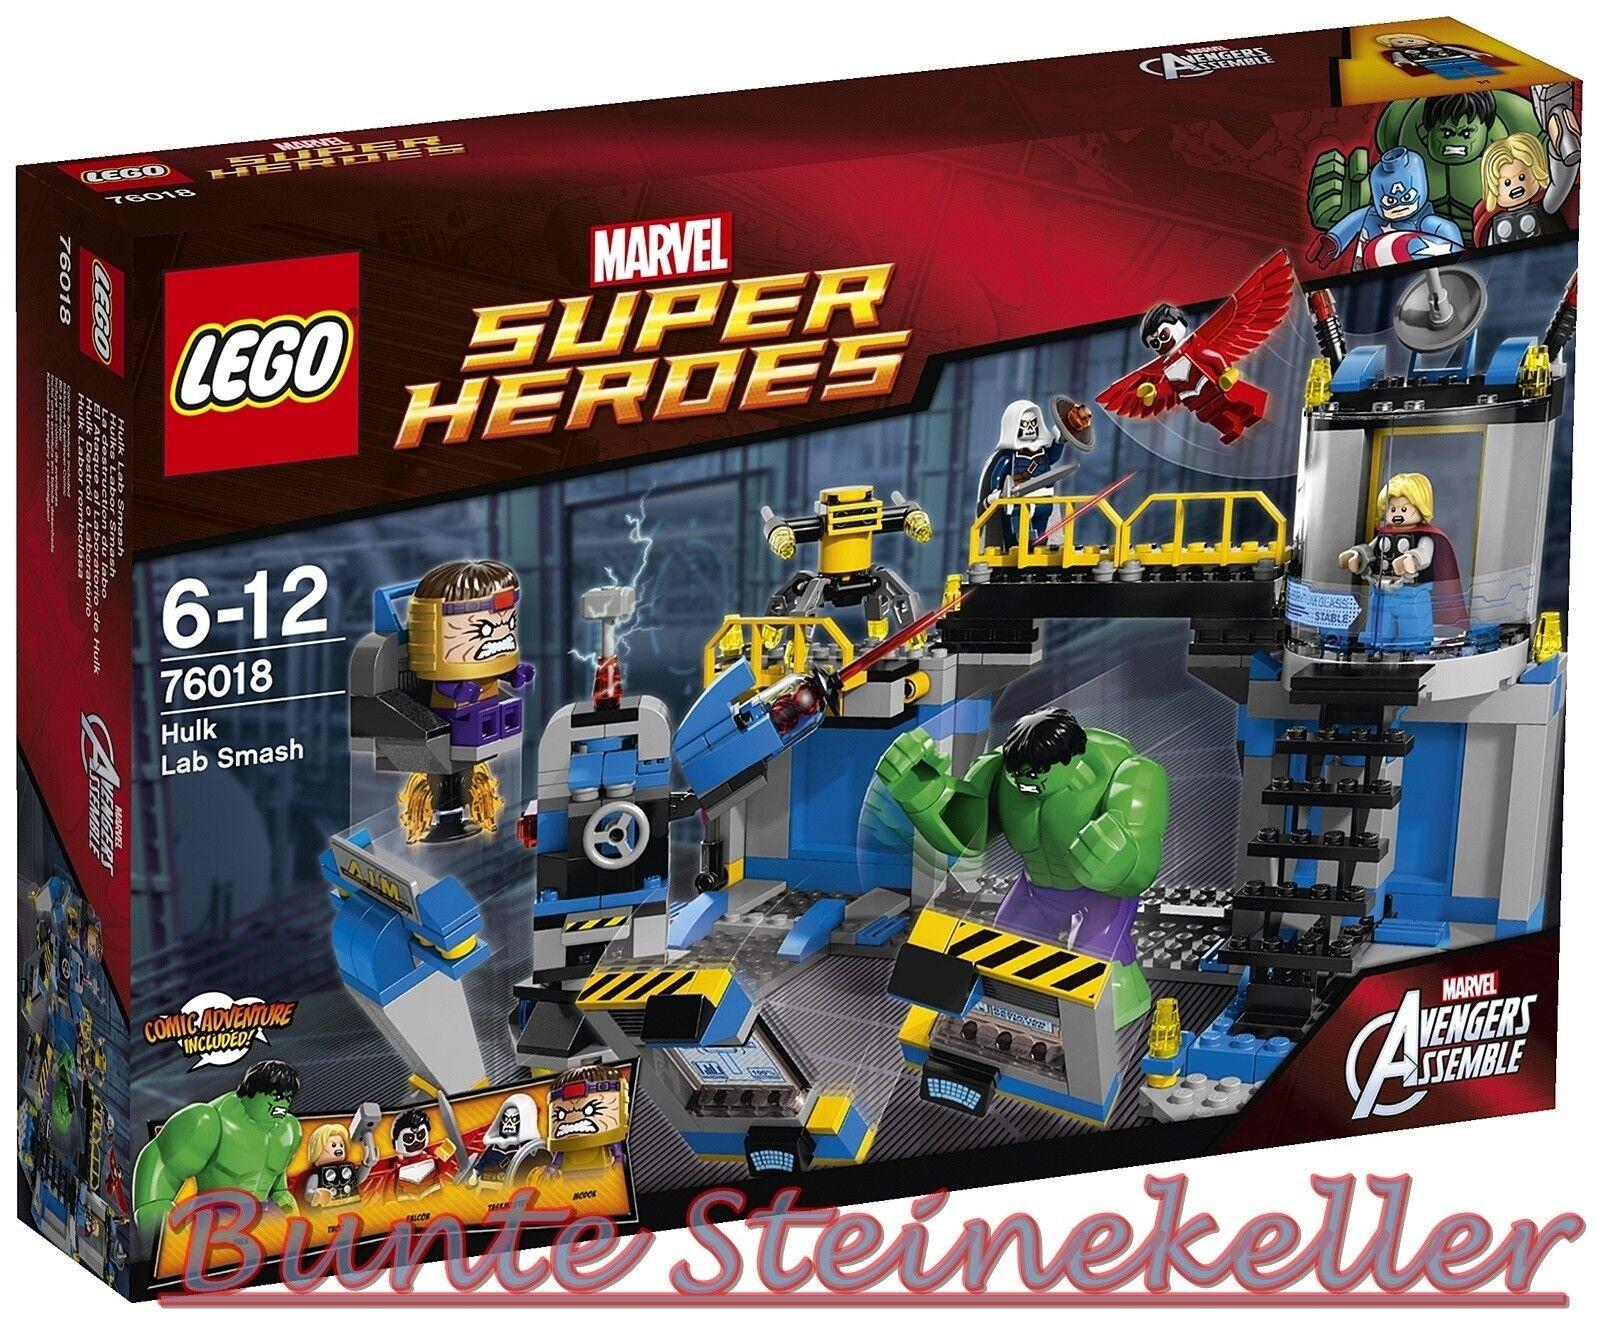 LEGO ® super heroes marvel  76018 Hulks laboratoire smash & 0. - expédition & OVP & nouveau